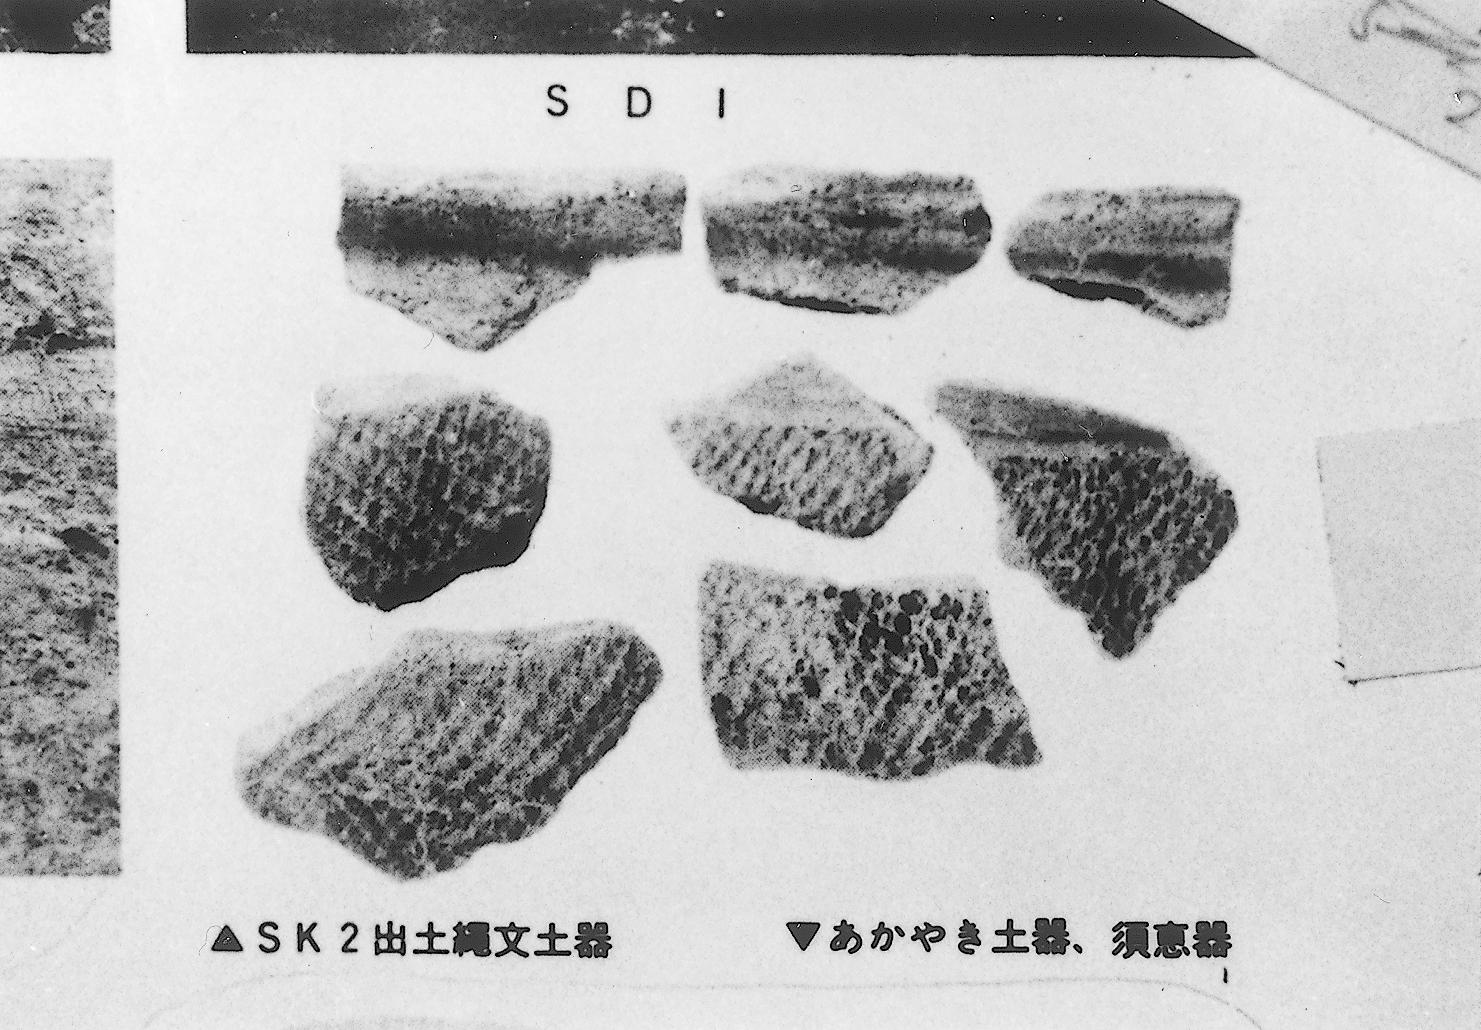 角沢仁間遺跡出土土器片